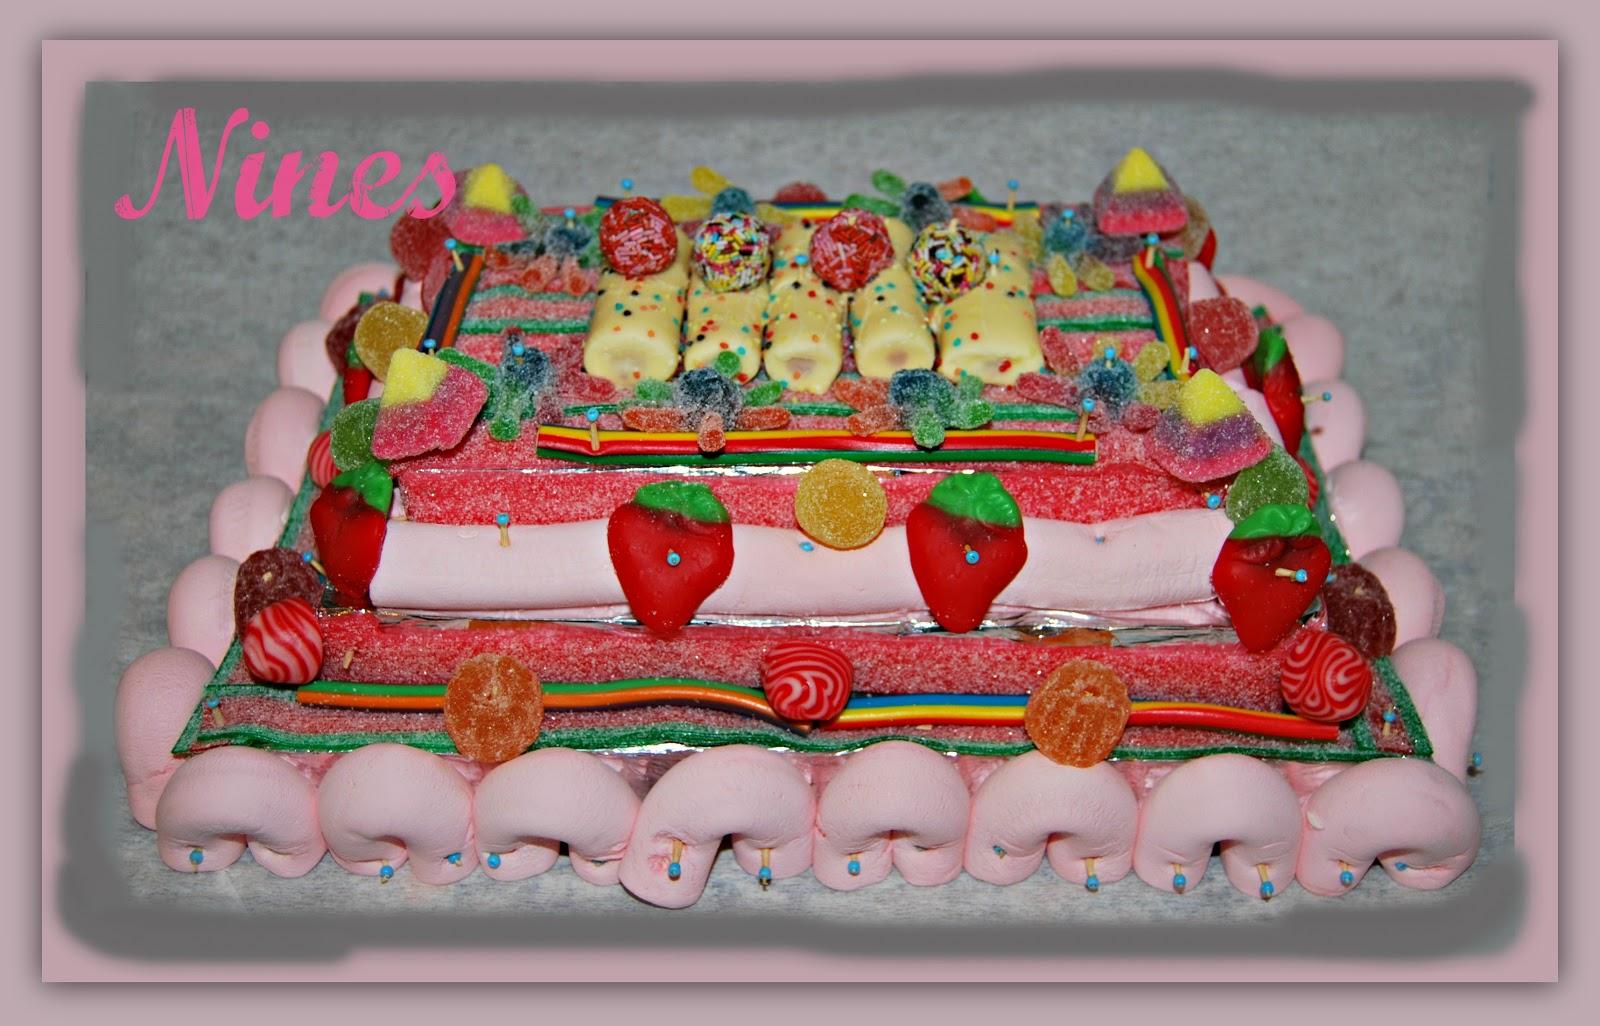 El rinconcito de nines tarta de chuches for Envolver brochetas de chuches